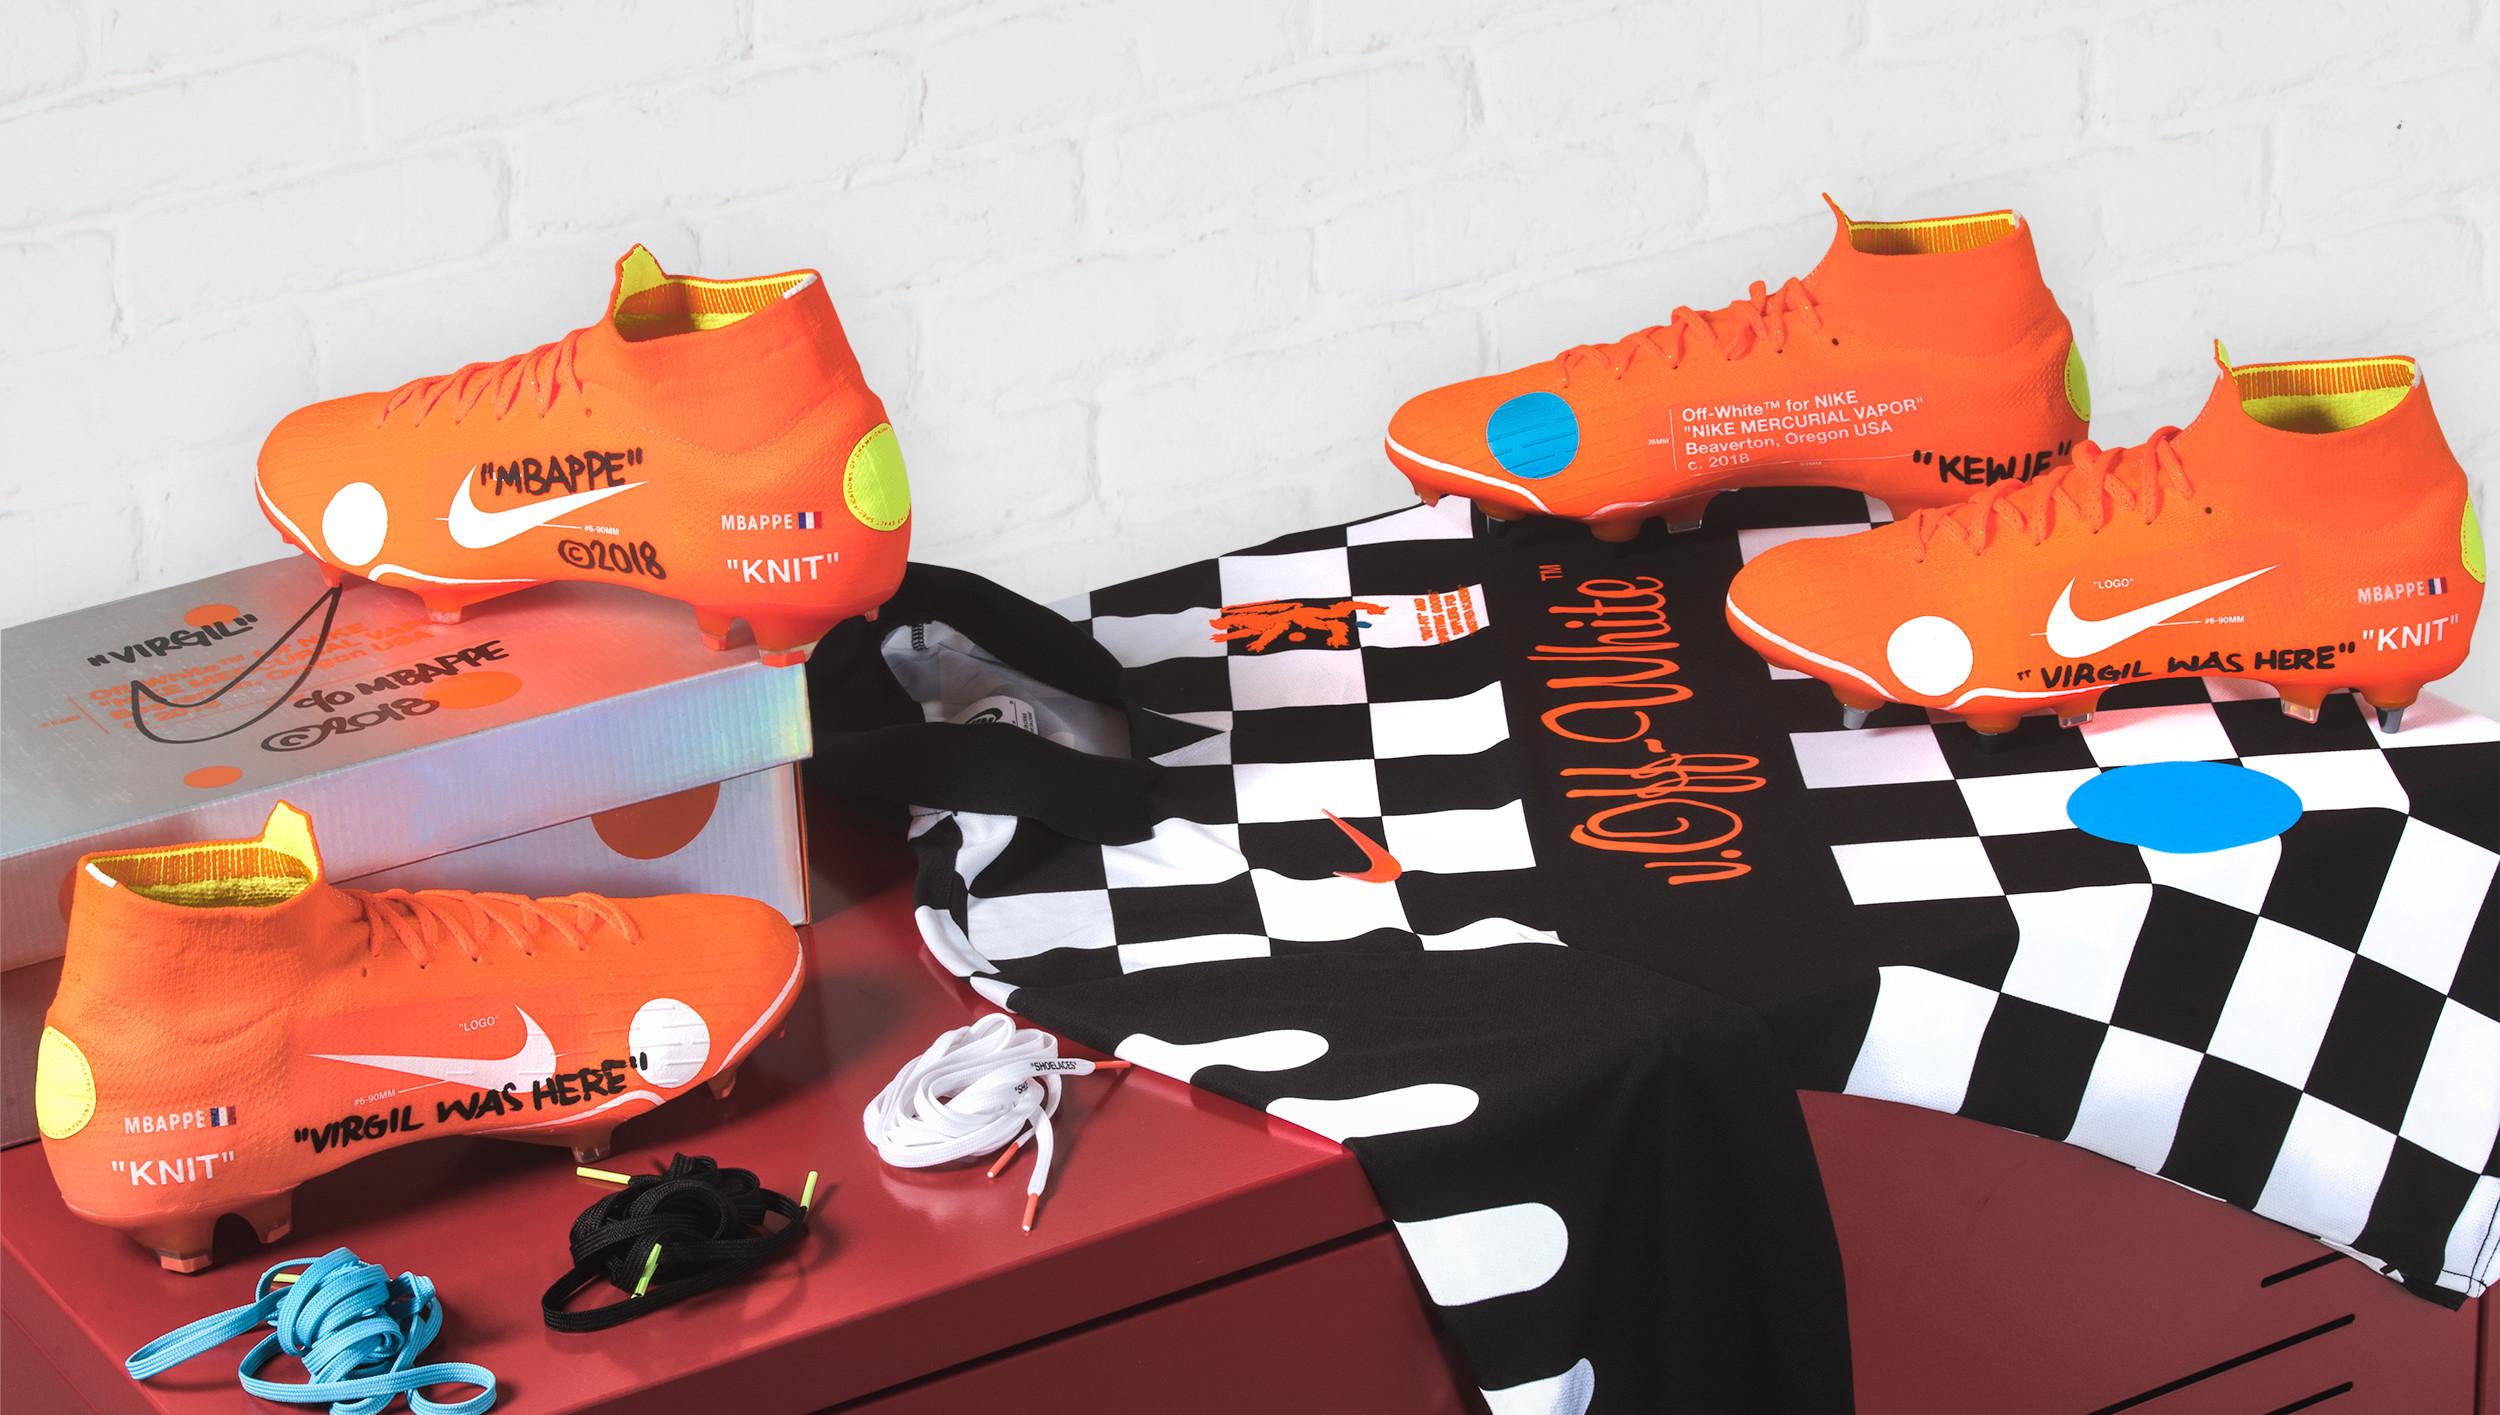 e7449f5a7b2 Off-White x Nike Mercurial Vapor 360 Release Date